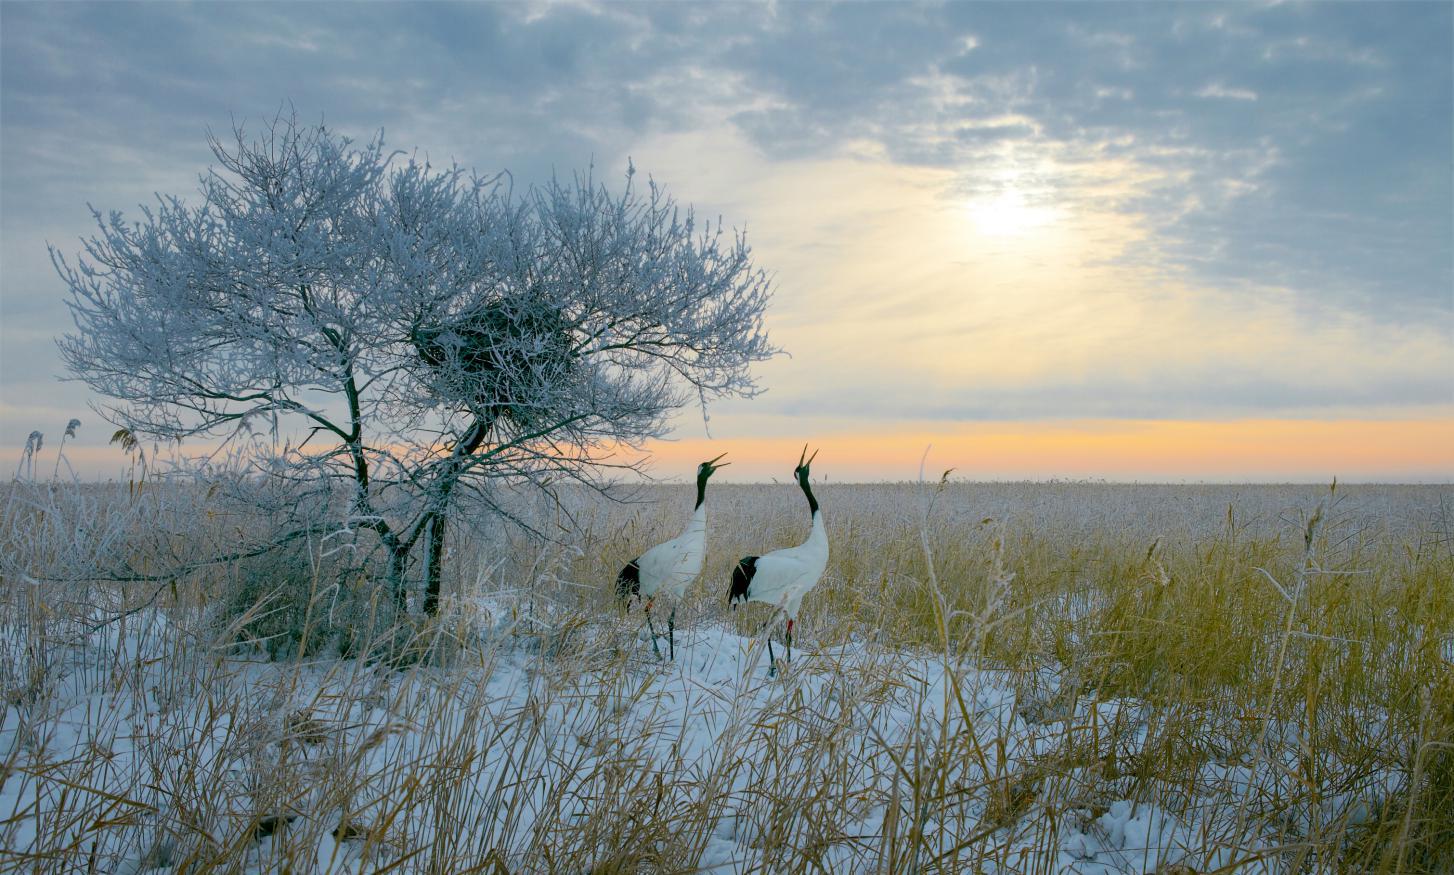 齐齐哈尔扎龙自然保护区